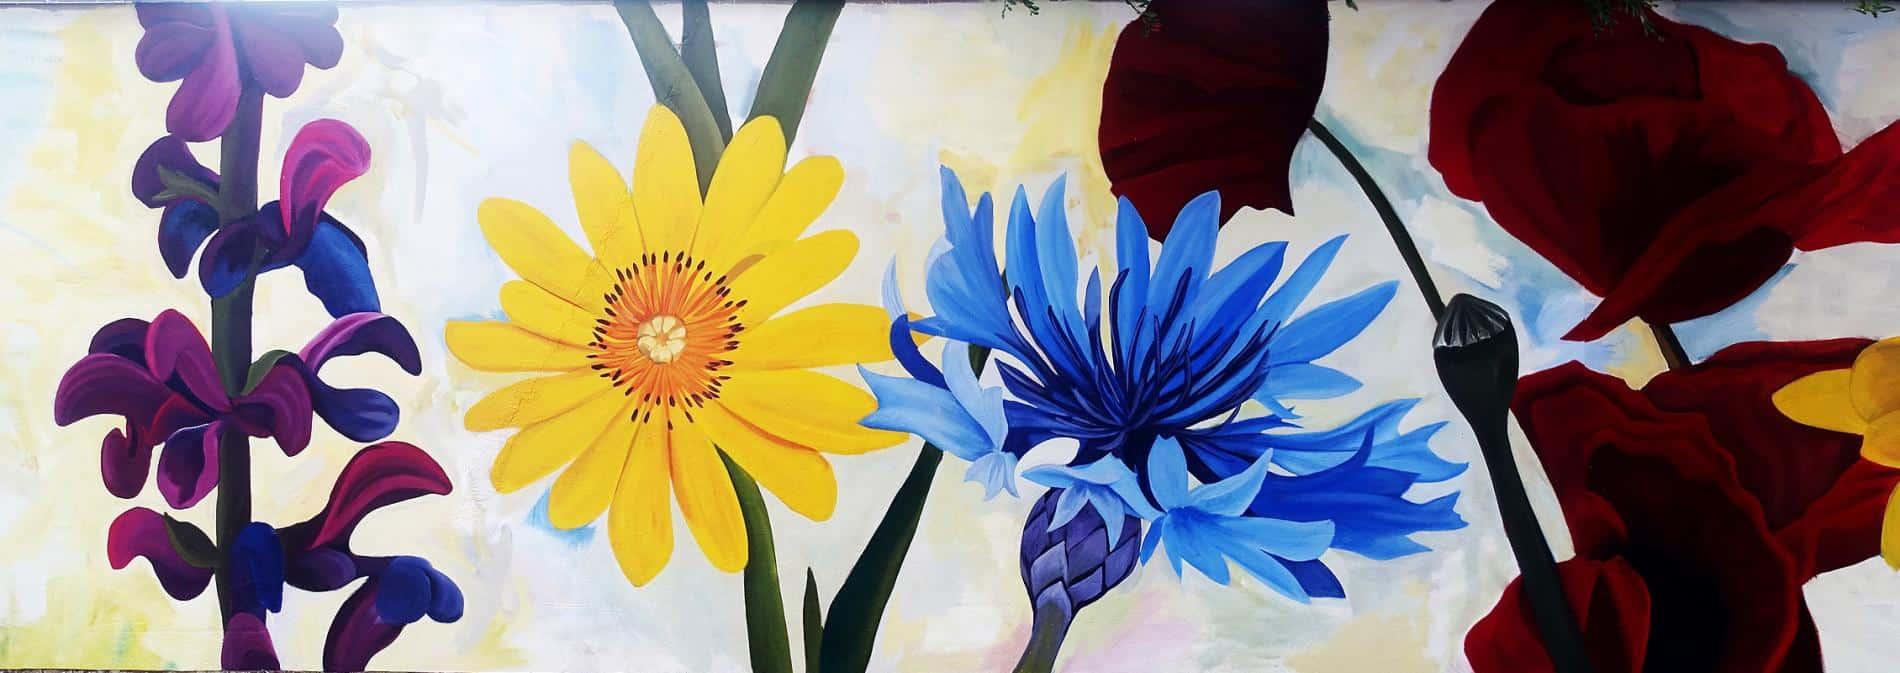 thiago mazza miural flores colores